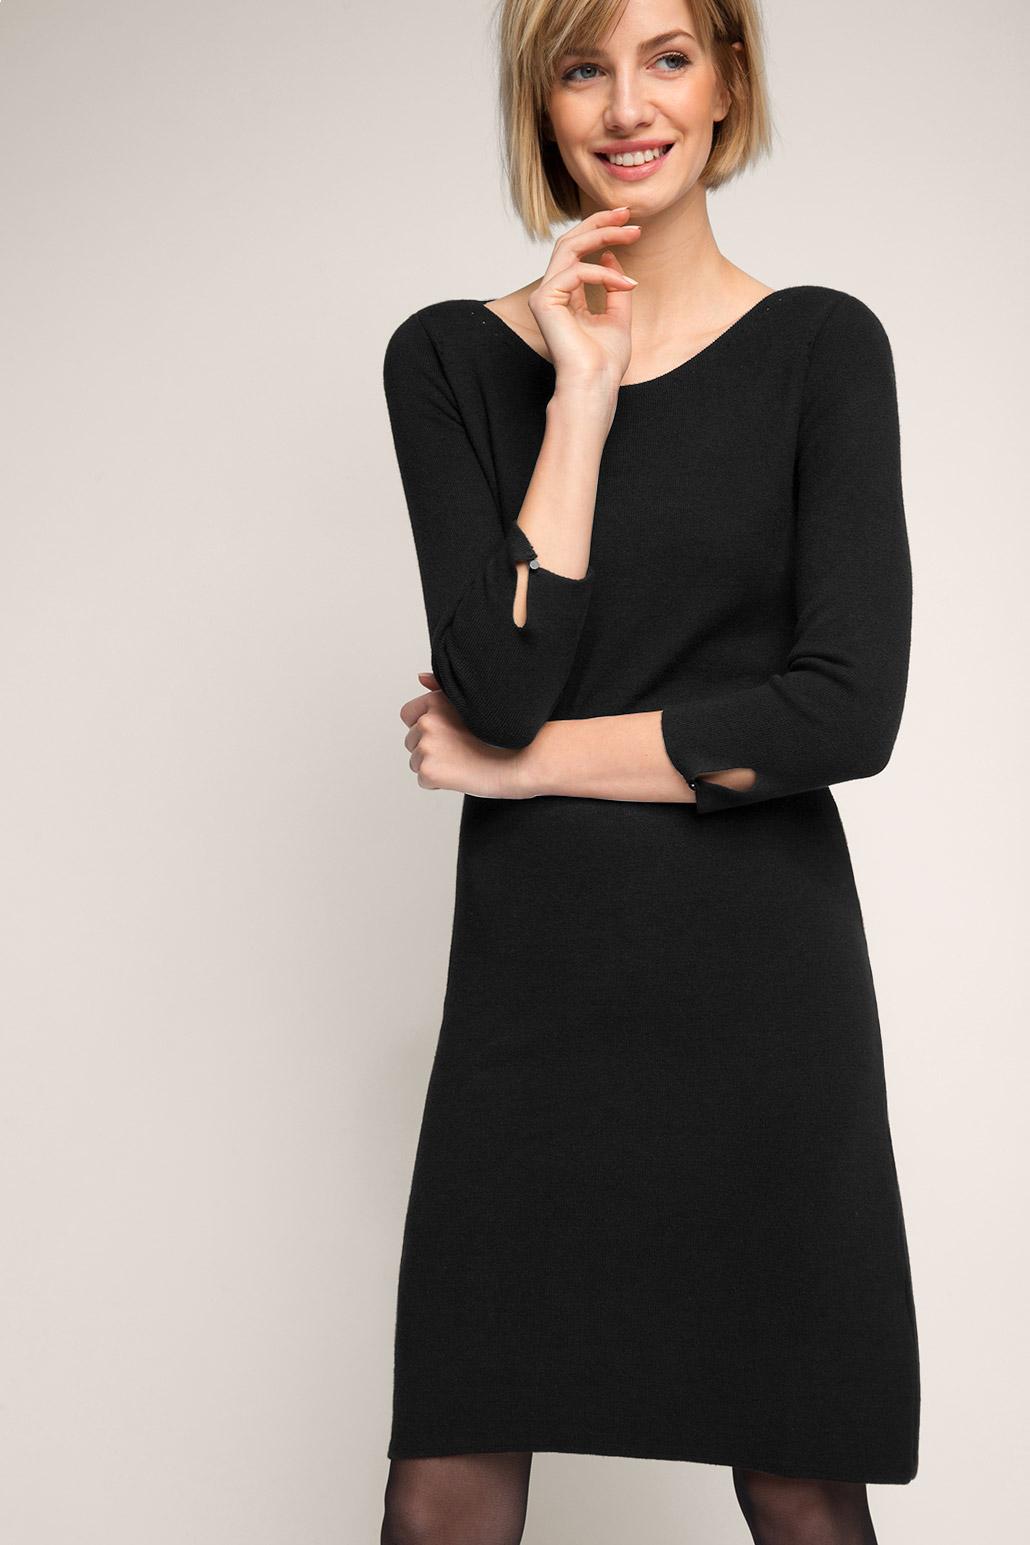 Трикотажные платья: как выбрать по фигуре, 50 идей